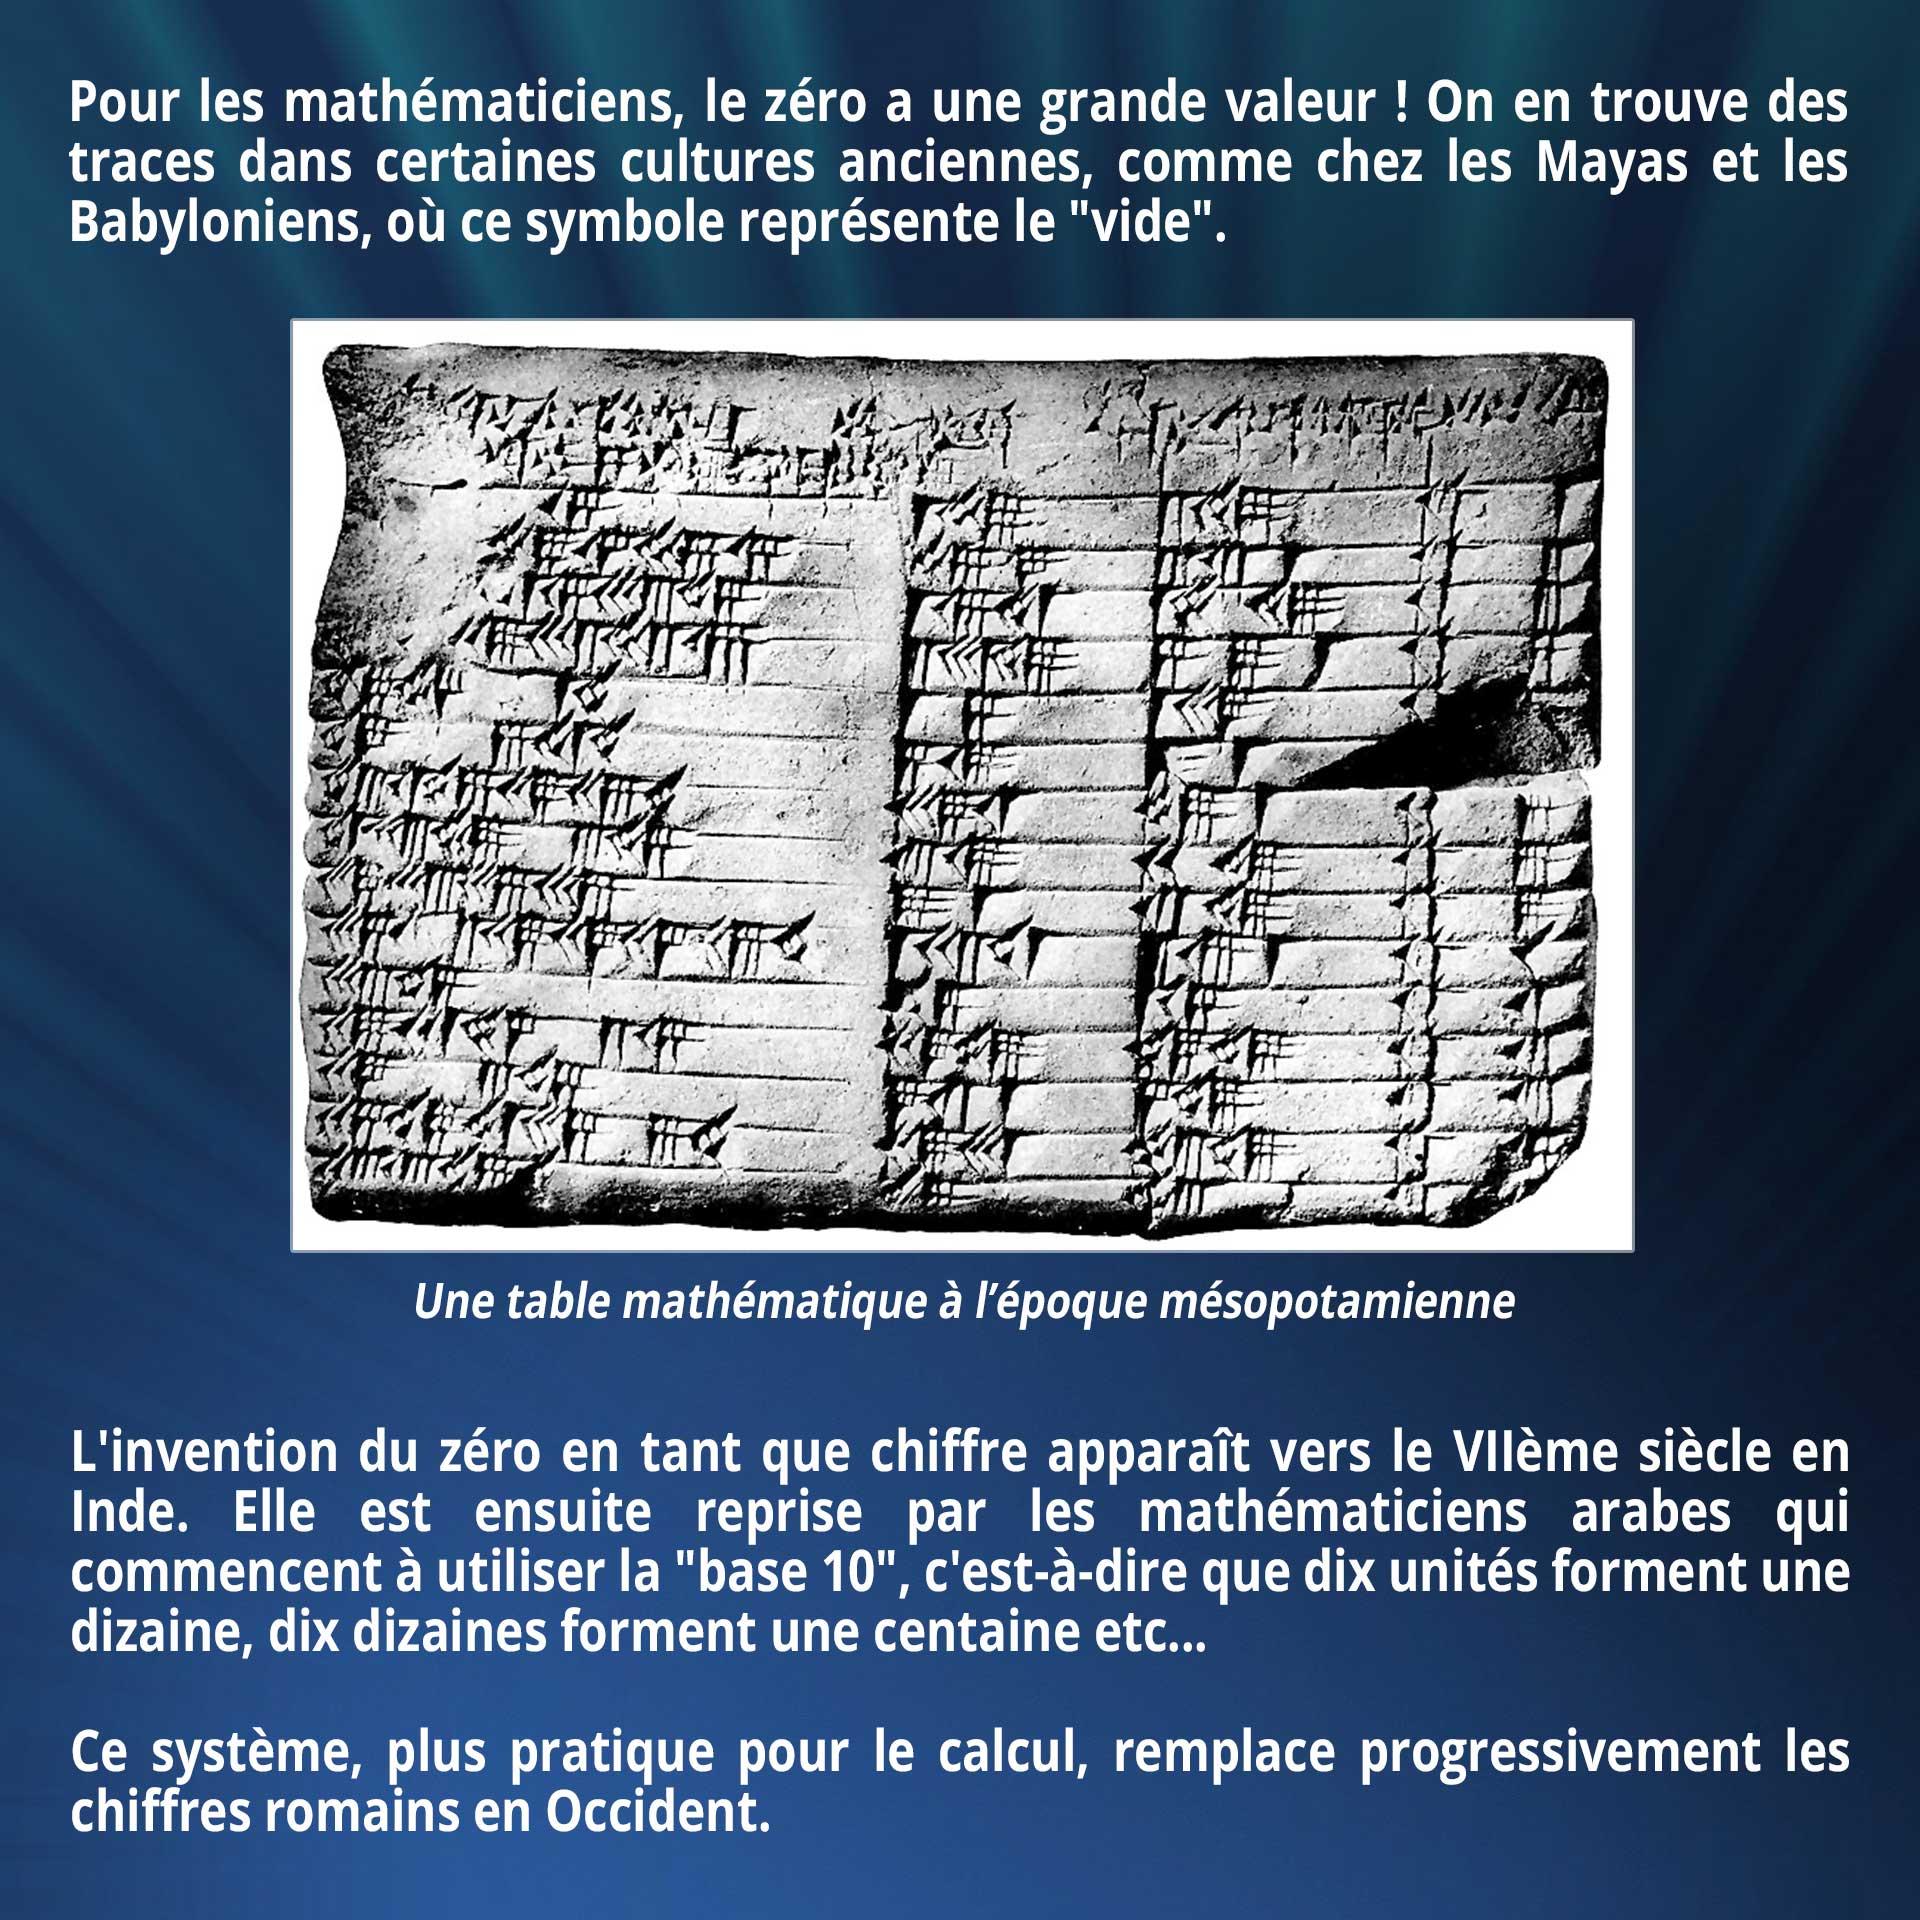 Pour les mathématiciens, le zéro a une grande valeur ! On en trouve des traces dans certaines cultures anciennes, comme chez les Mayas et les Babyloniens, où ce symbole représente le